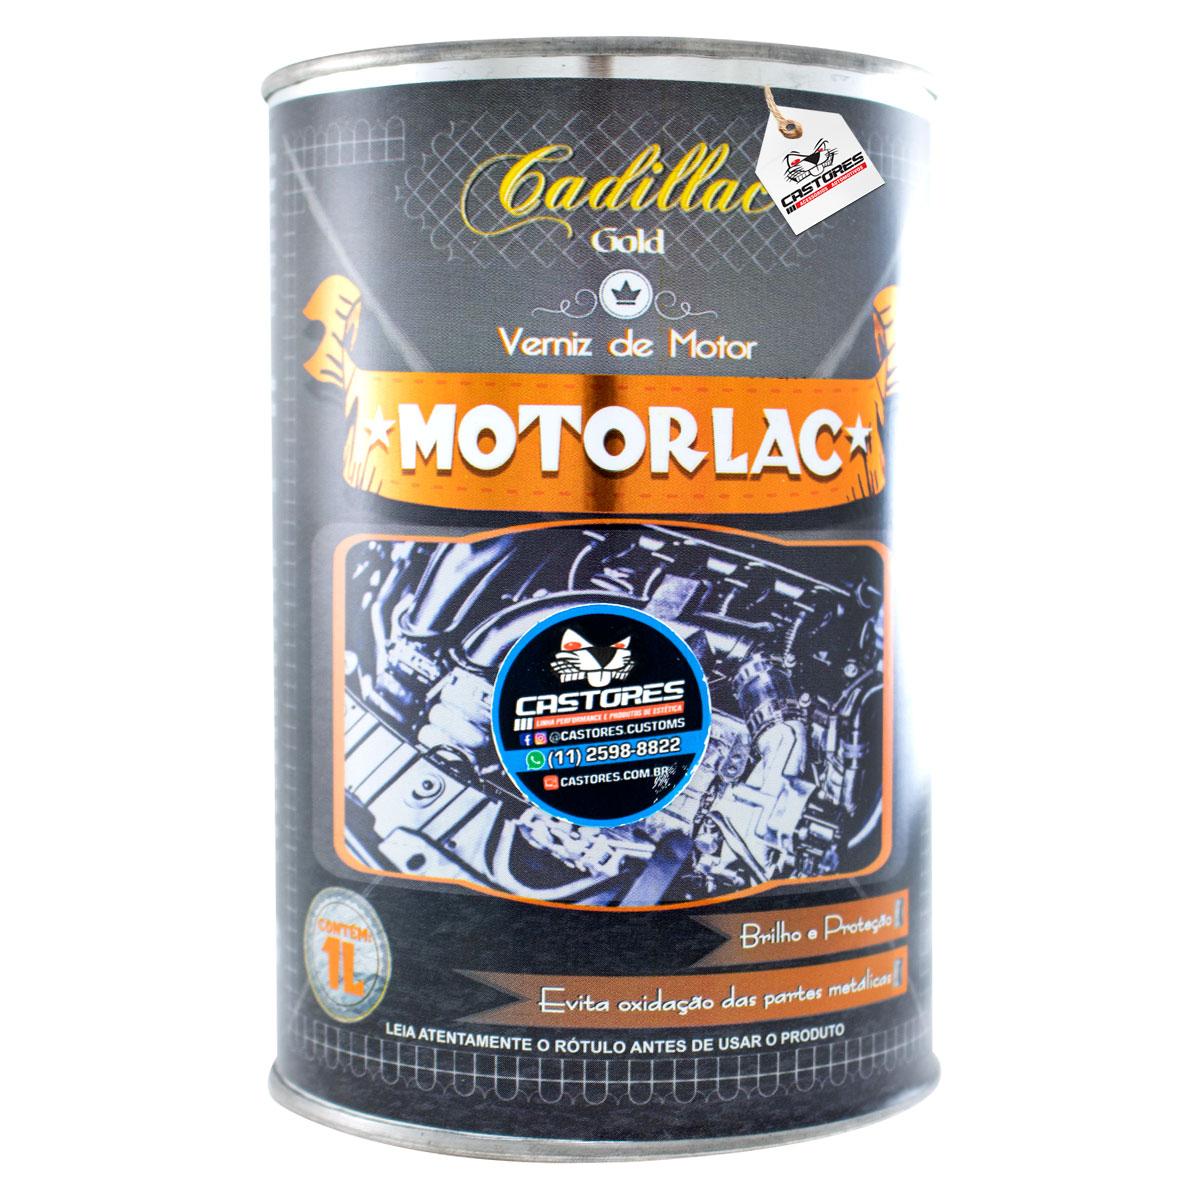 Verniz de Motor Cadillac 1L- MOTORLAC